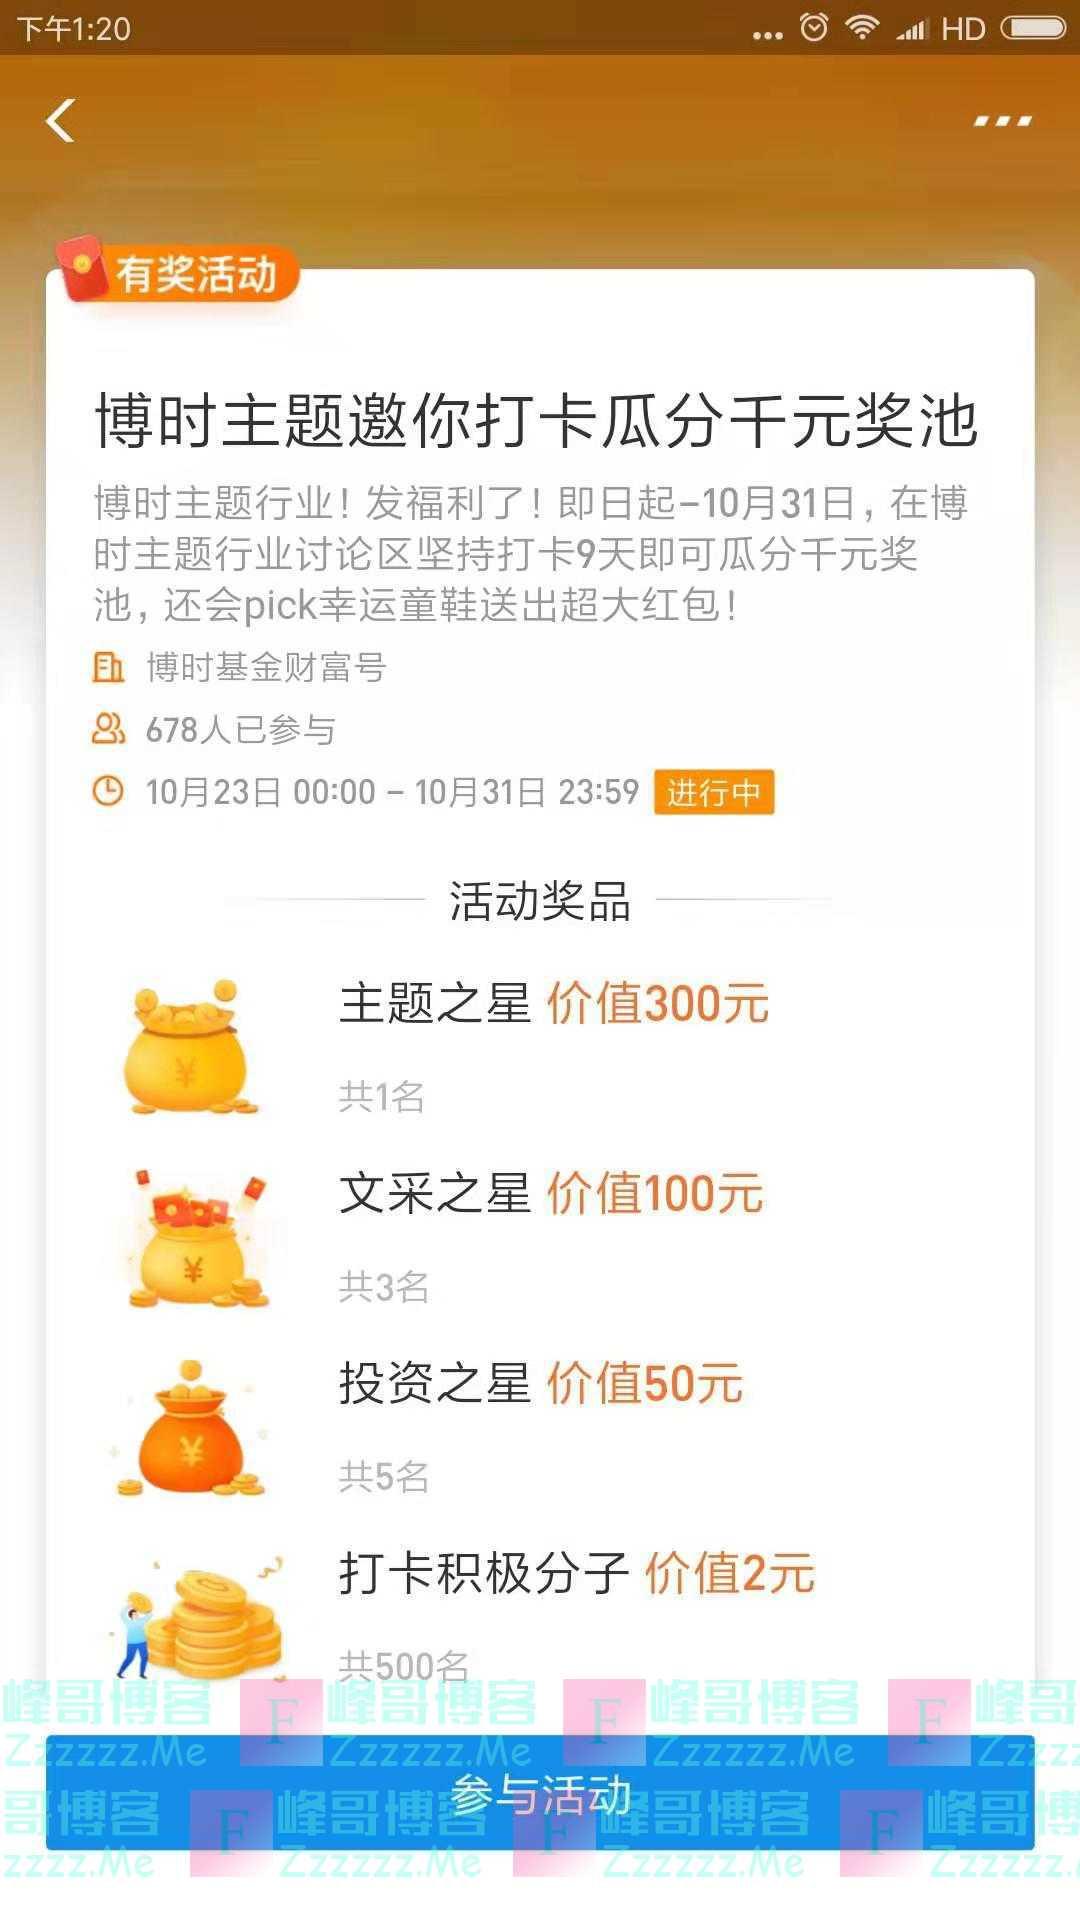 博时基金打卡瓜分千元奖池(截止10月31日)